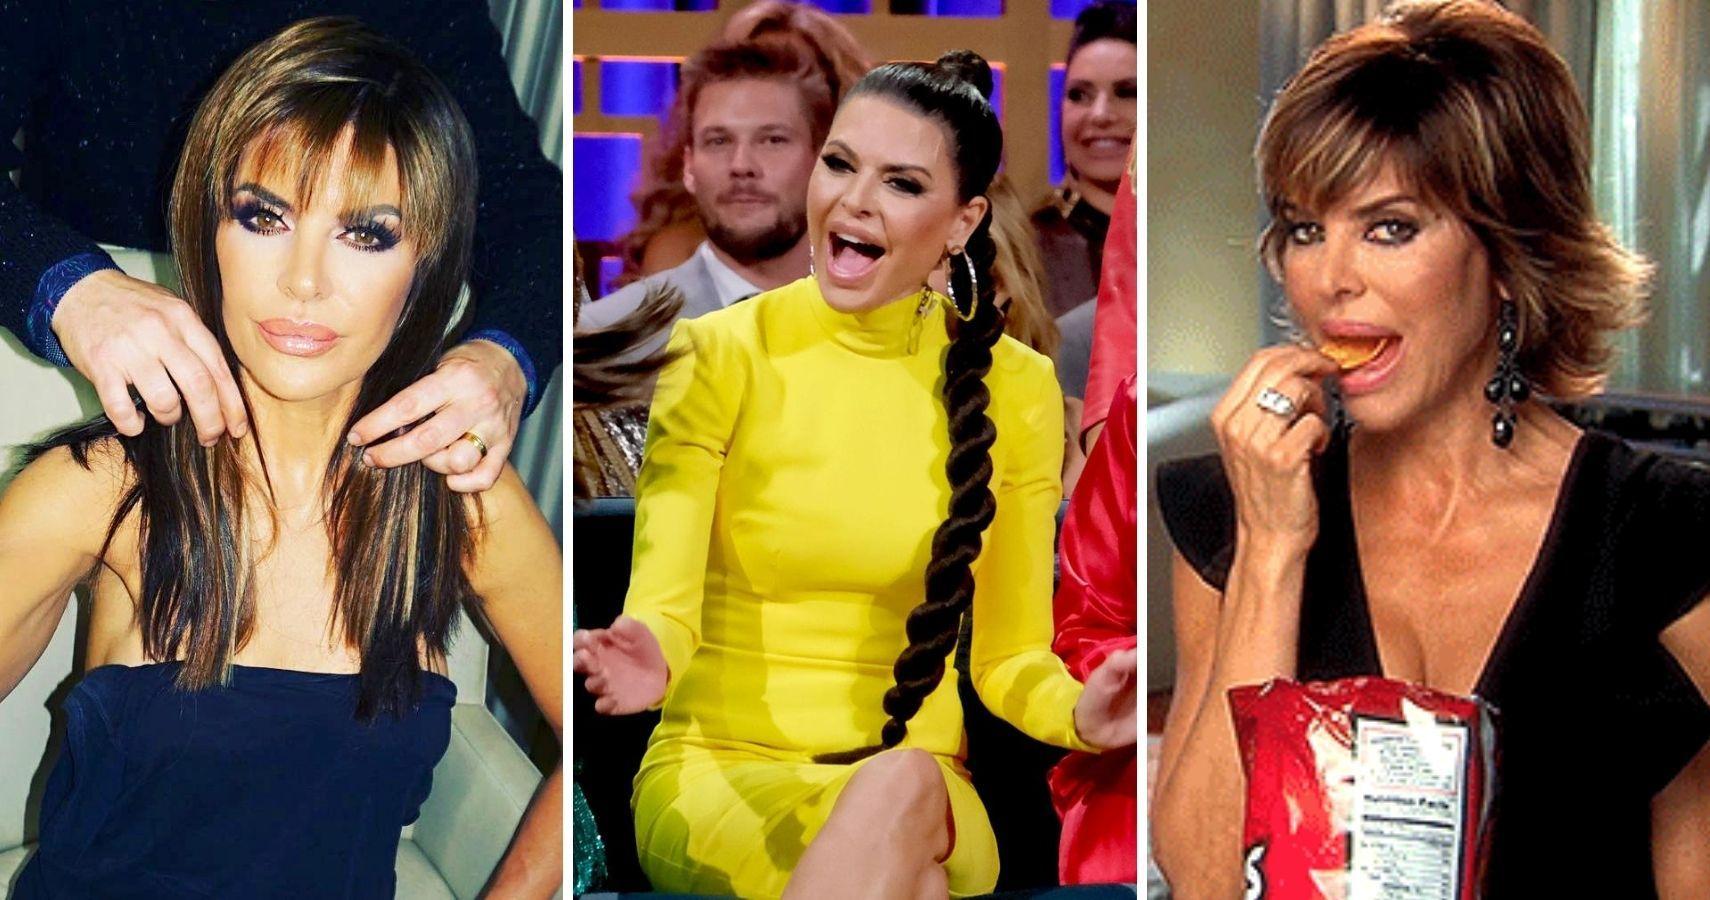 Rhobh 10 Of The Best Lisa Rinna Hairstyles Ranked Thethings